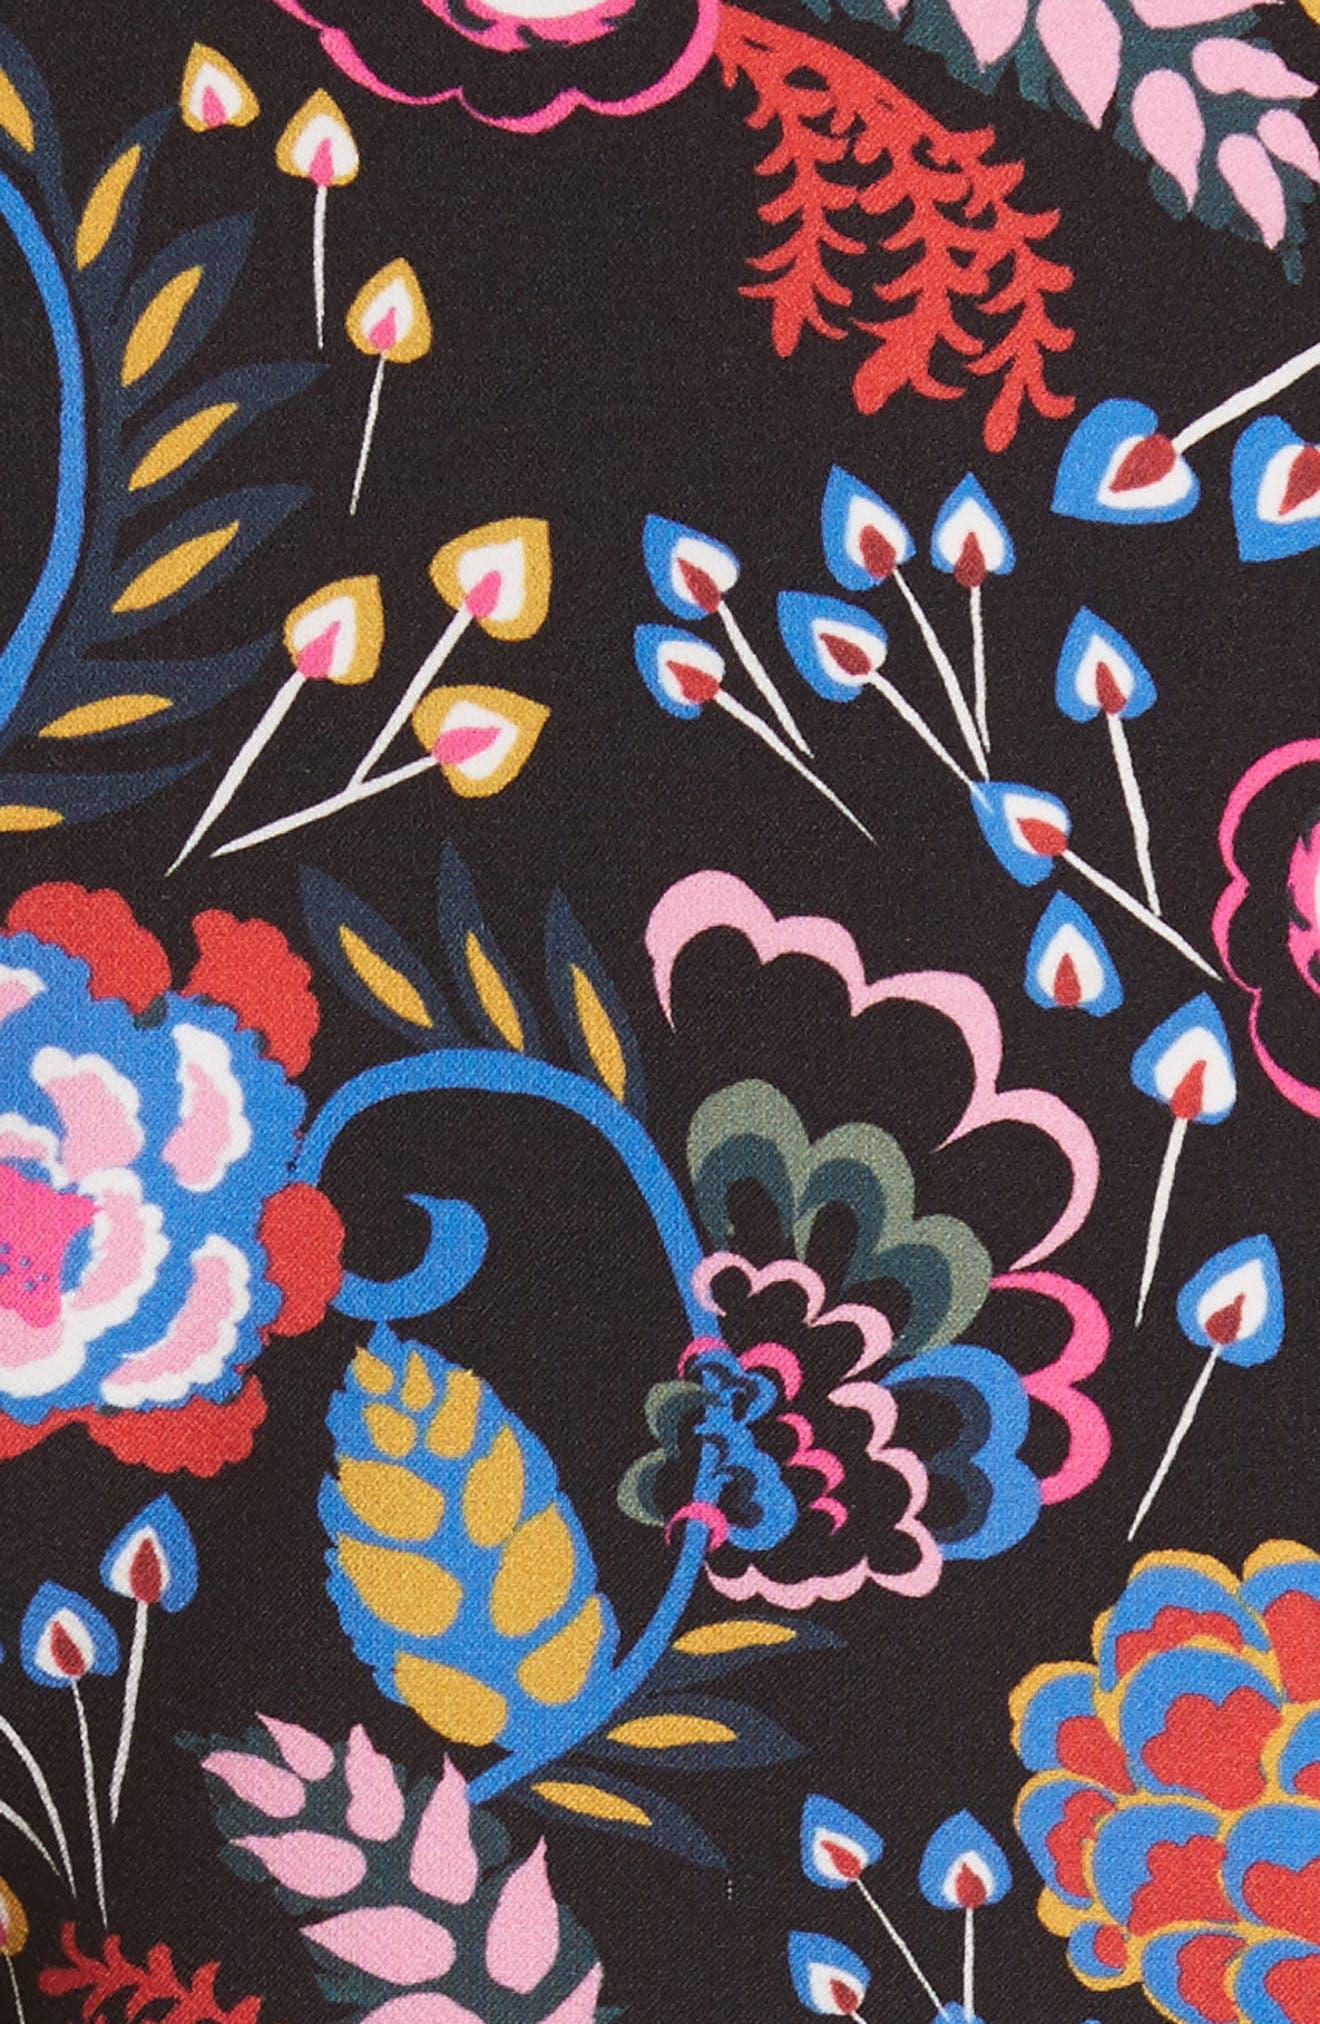 Celia Floral Print Dress,                             Alternate thumbnail 5, color,                             005